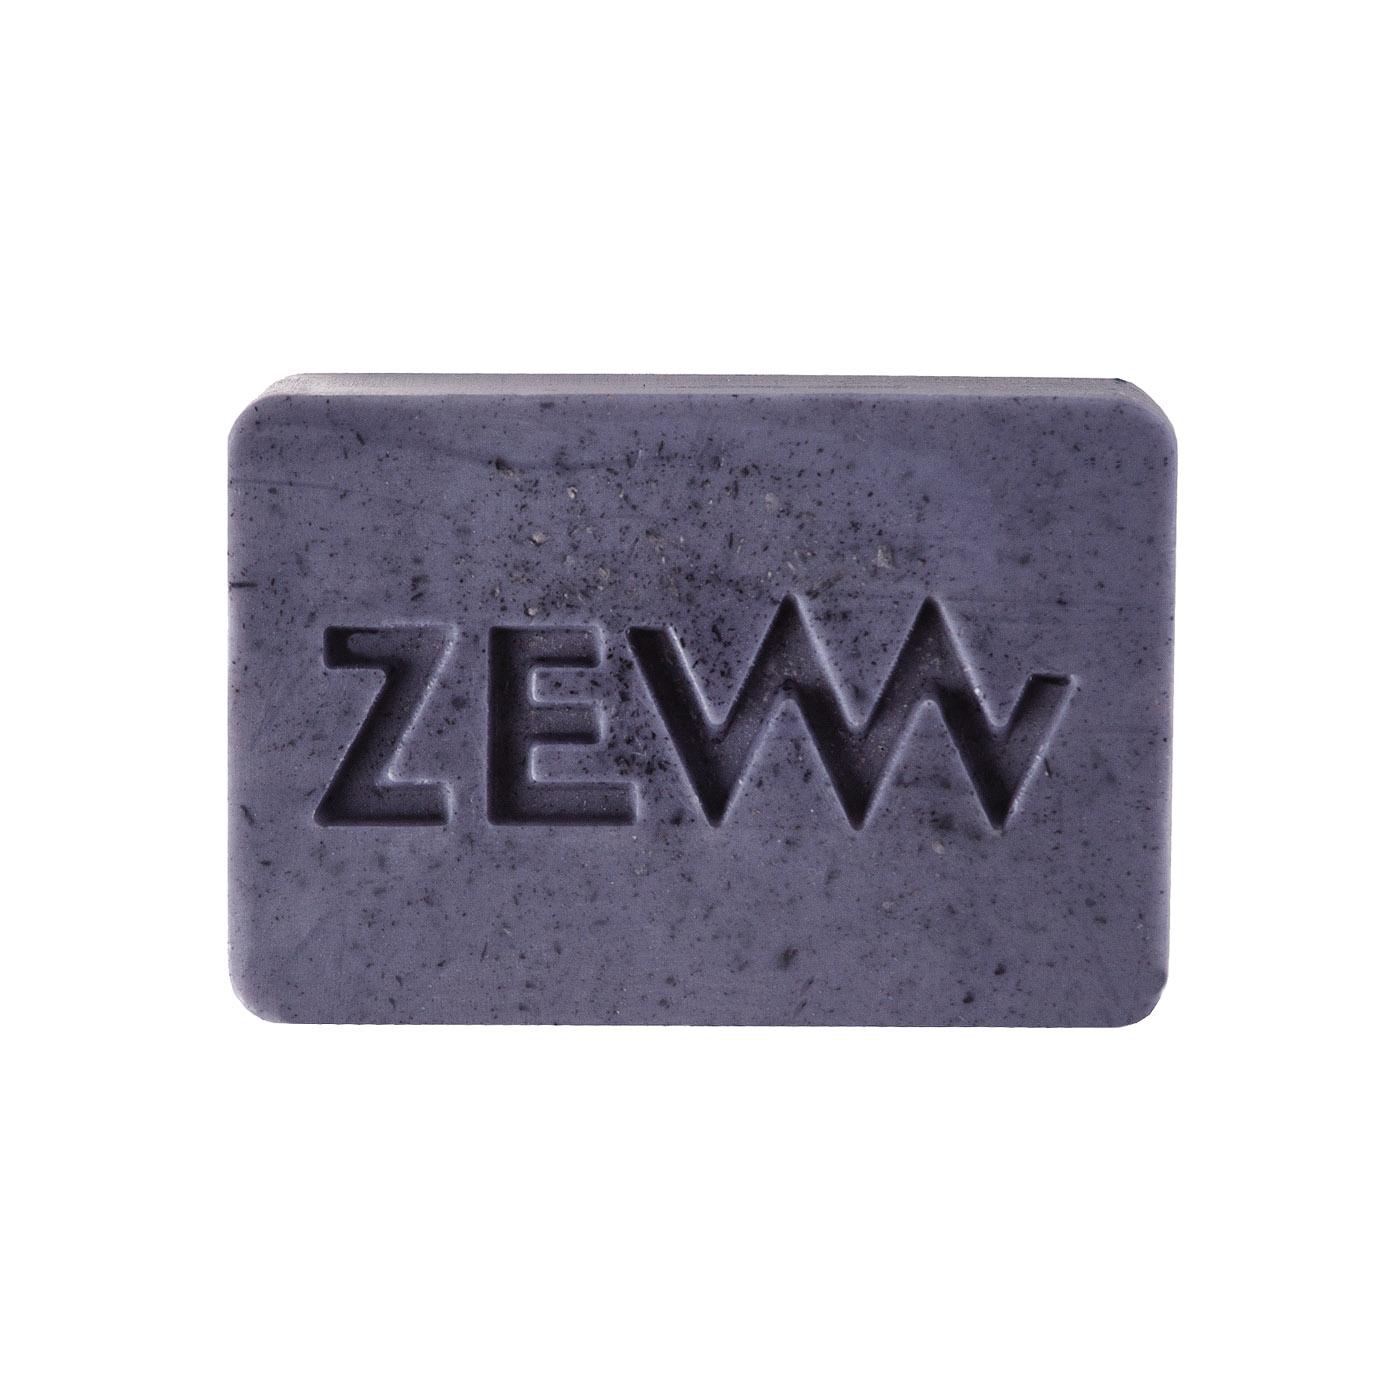 ZEW for men Shaving Soap - mýdlo na holení s dřevěným uhlím, 85 ml + Kapsa M